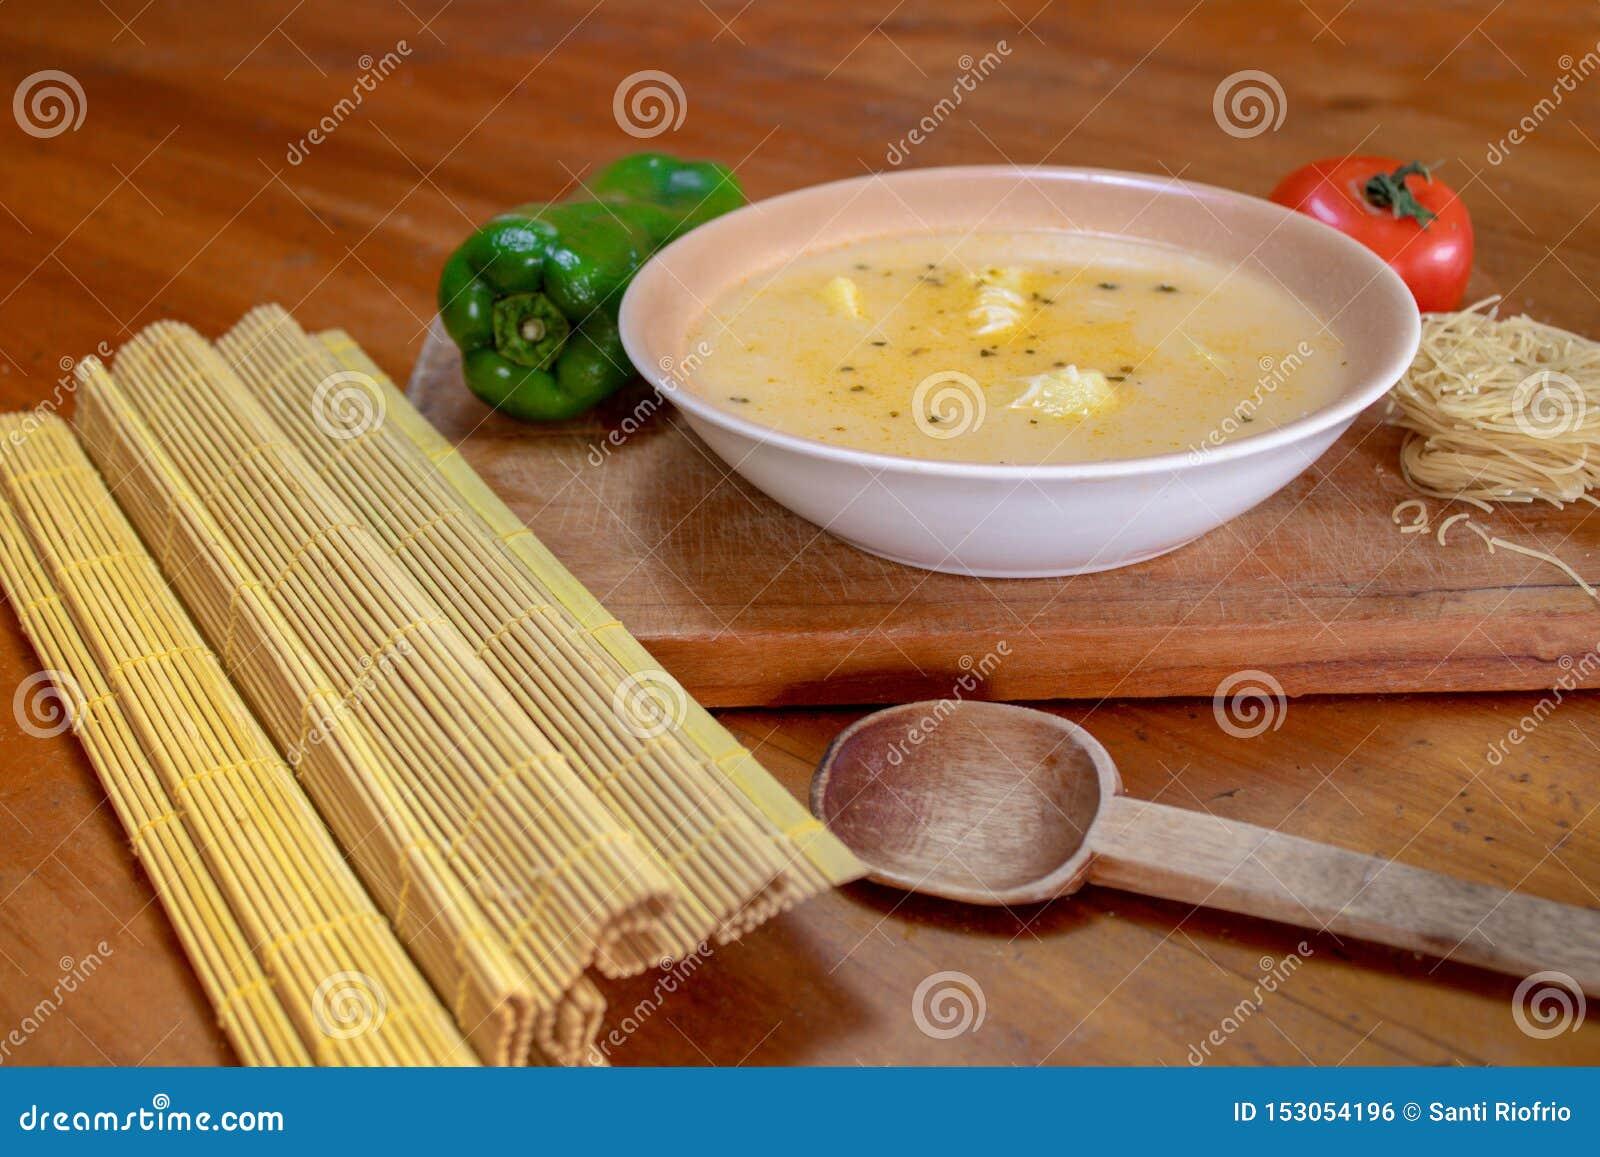 Sopa de fideos hecha en casa con los ingredientes